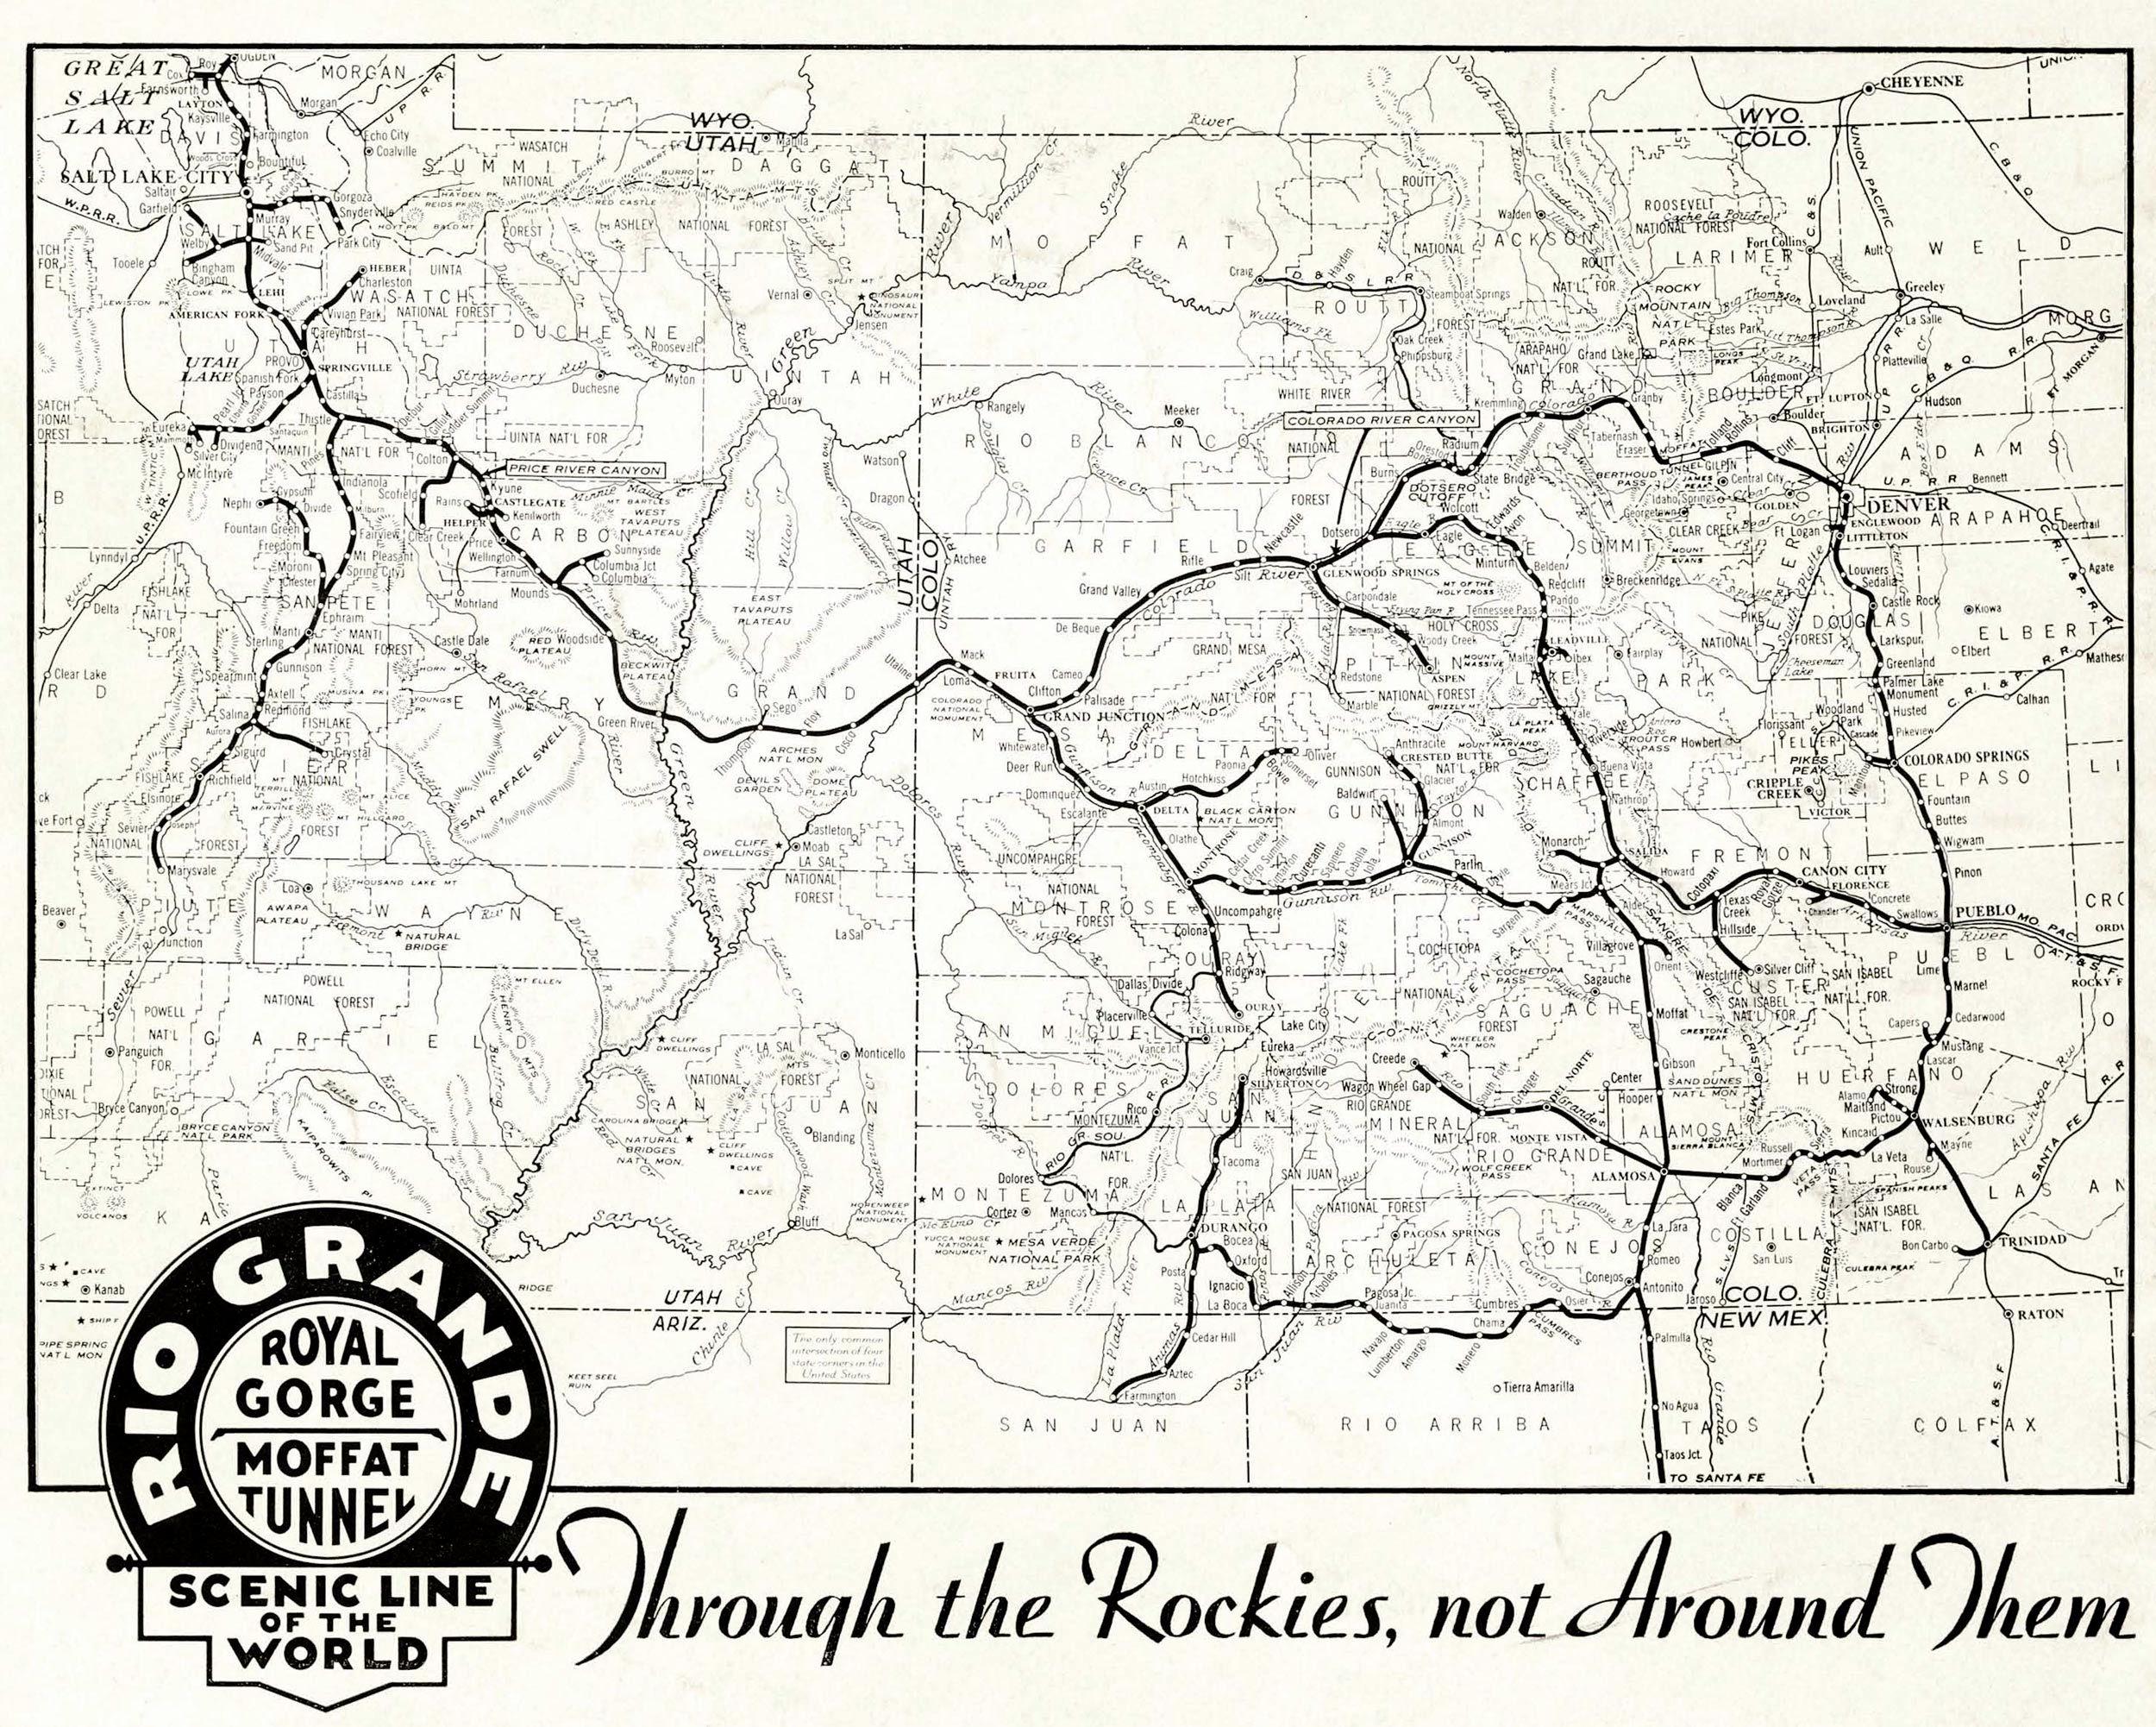 denver and rio grande western railroad map Denver And Rio Grande Western Railroad Colorado Railroad denver and rio grande western railroad map